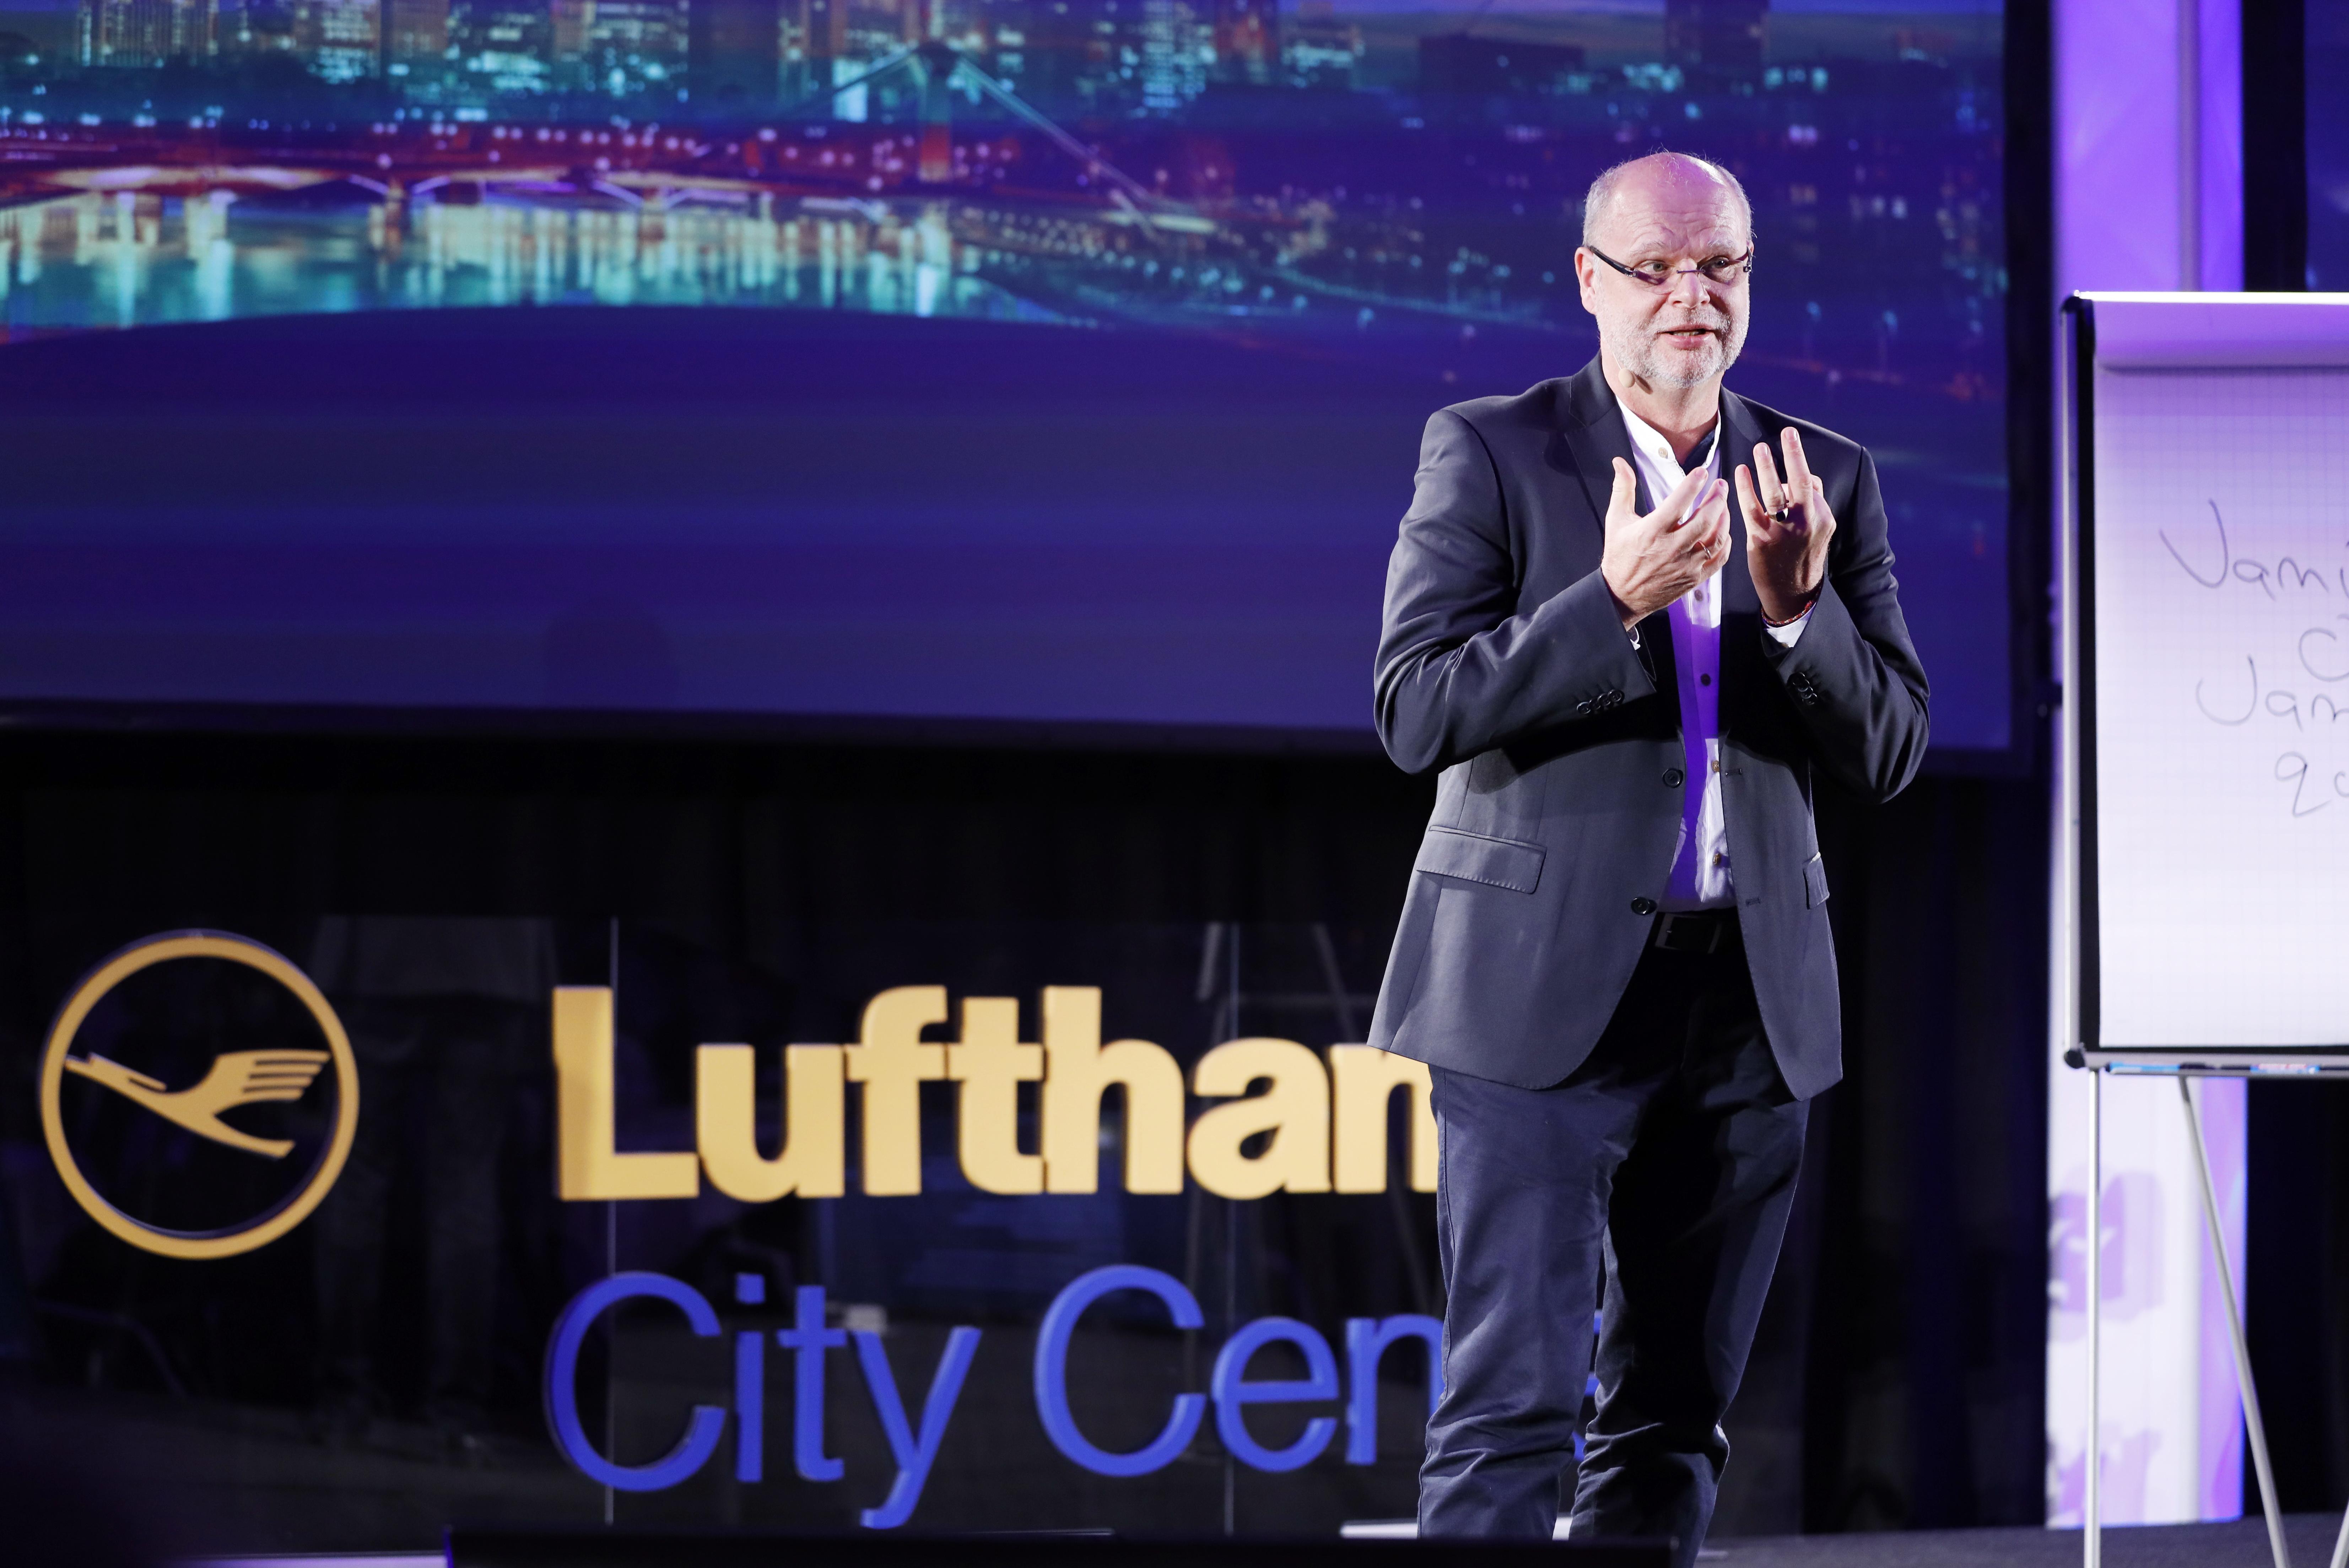 Uwe Müller, administrerende direktør for Lufthansa City Center, ved det årlige topmøde forleden i Frankfurt. Foto: Lufthansa City Center.